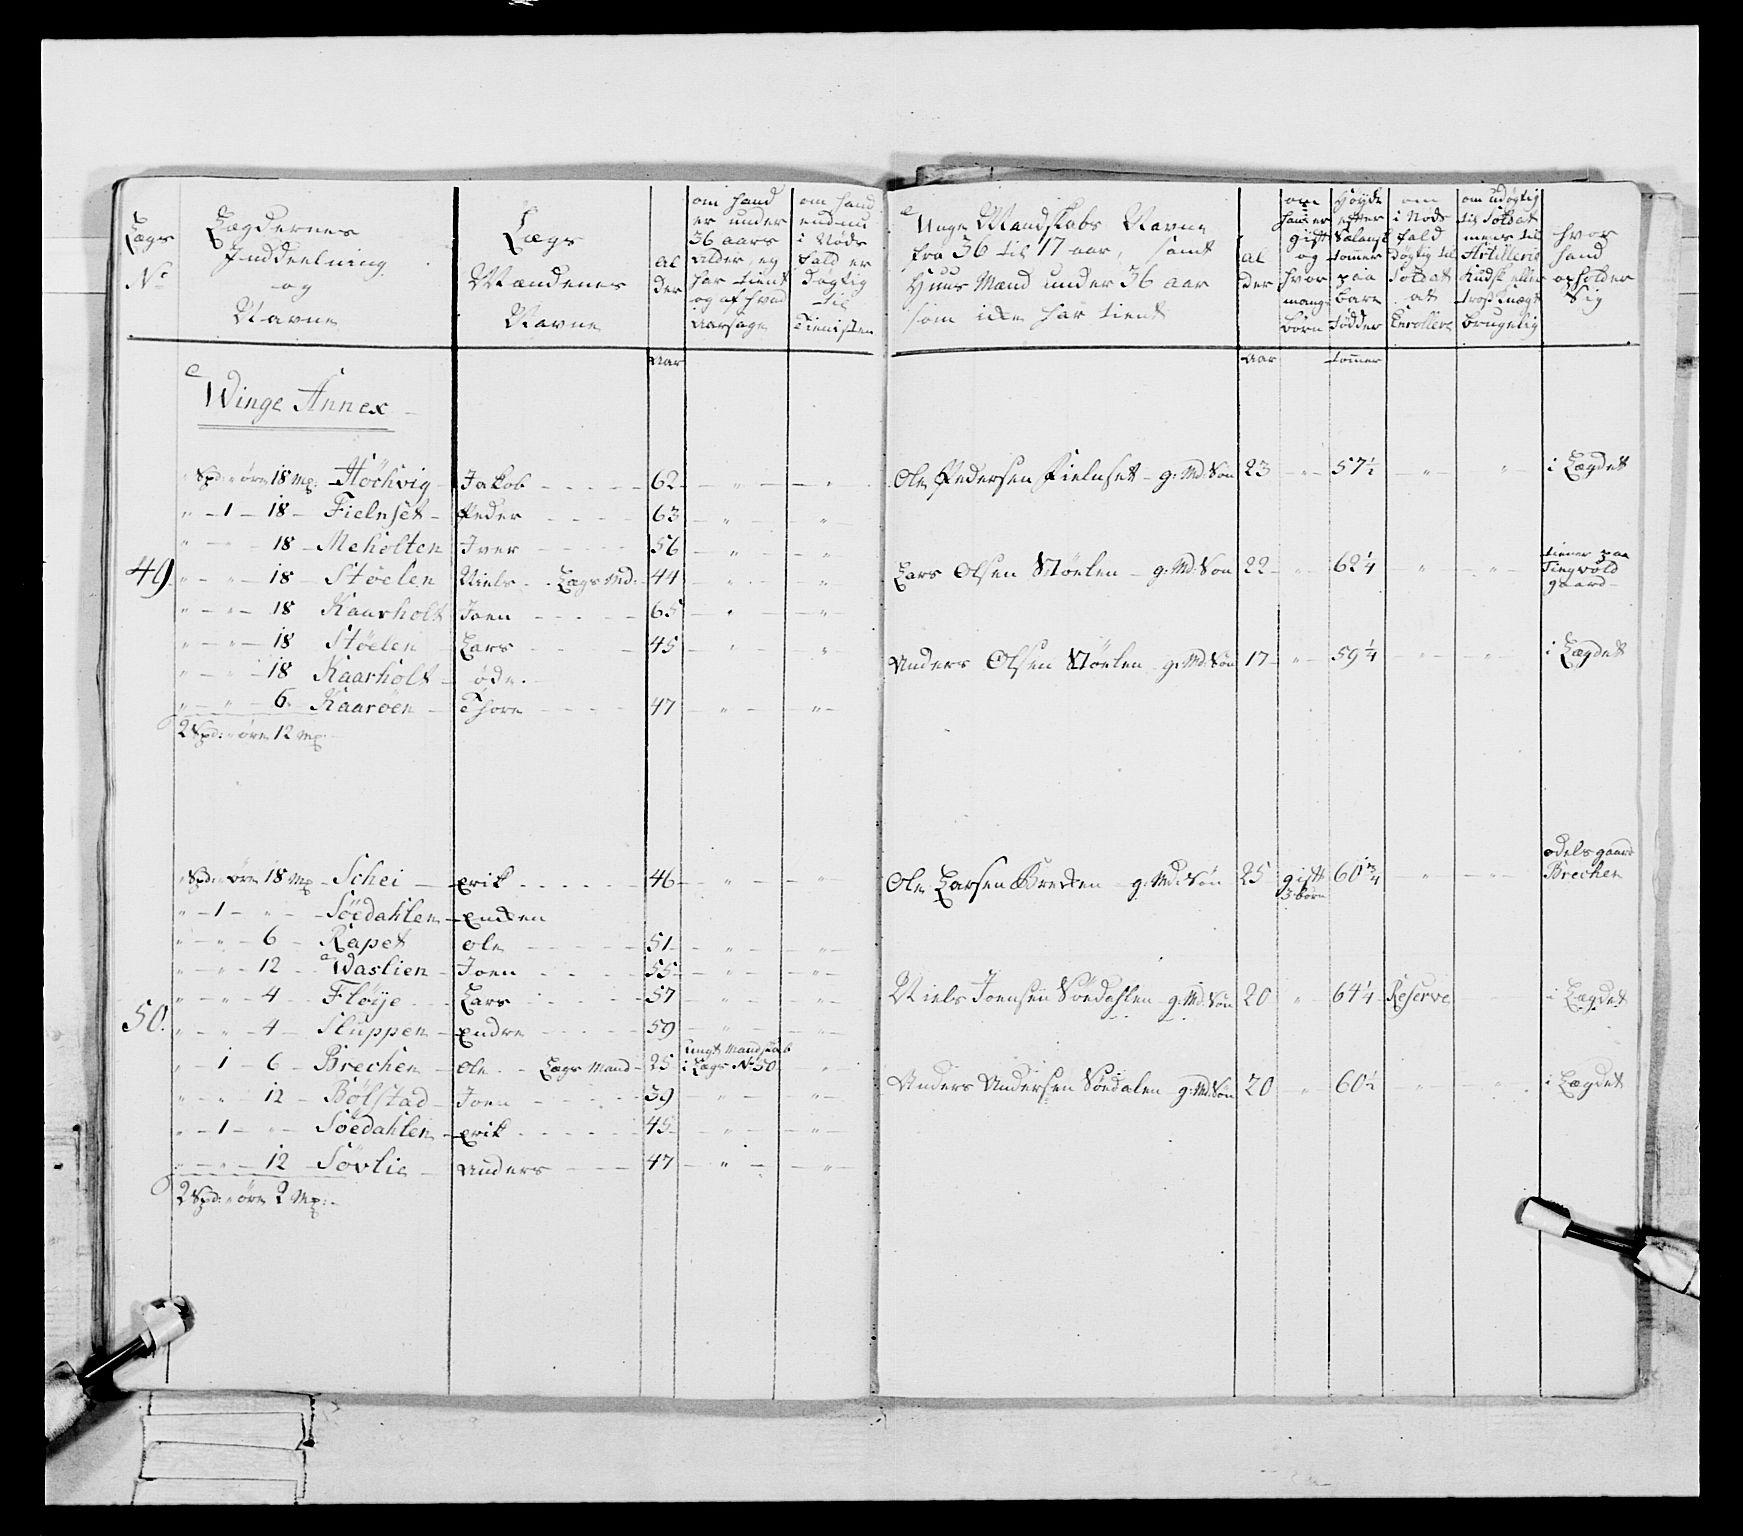 RA, Generalitets- og kommissariatskollegiet, Det kongelige norske kommissariatskollegium, E/Eh/L0087: 3. Trondheimske nasjonale infanteriregiment, 1780, s. 165